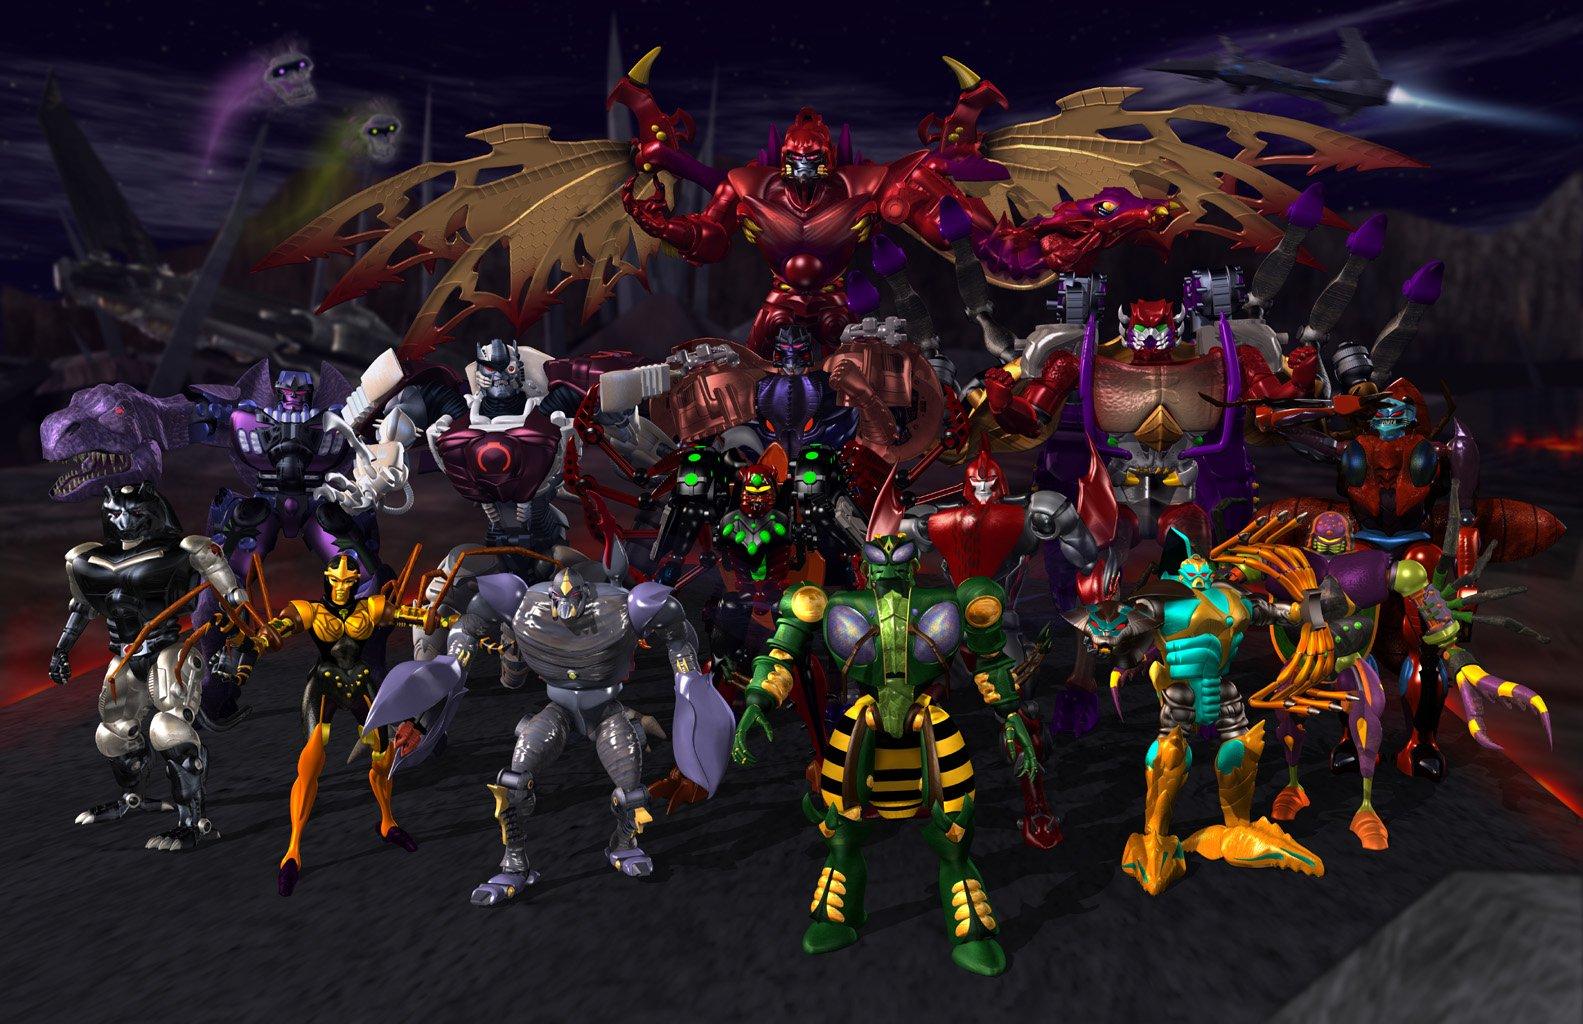 Tekenfilm - Beast Wars: Transformers  Beast Wars Transformers Wallpaper